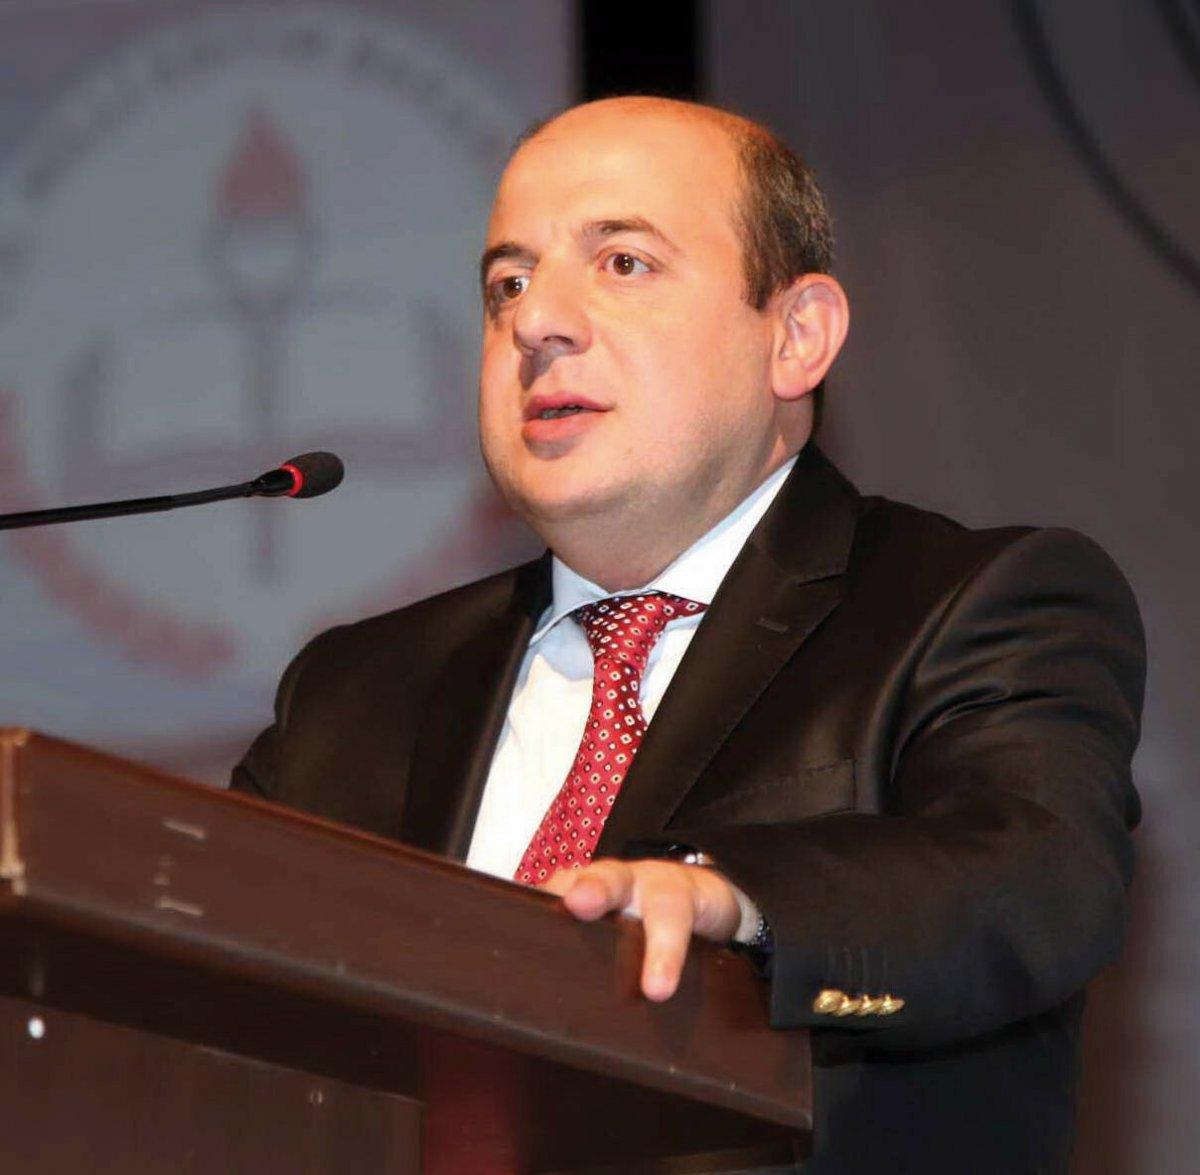 Şehit İlhan Varank ın ablası 15 Temmuz un yıl dönümünde kardeşini anlattı #2